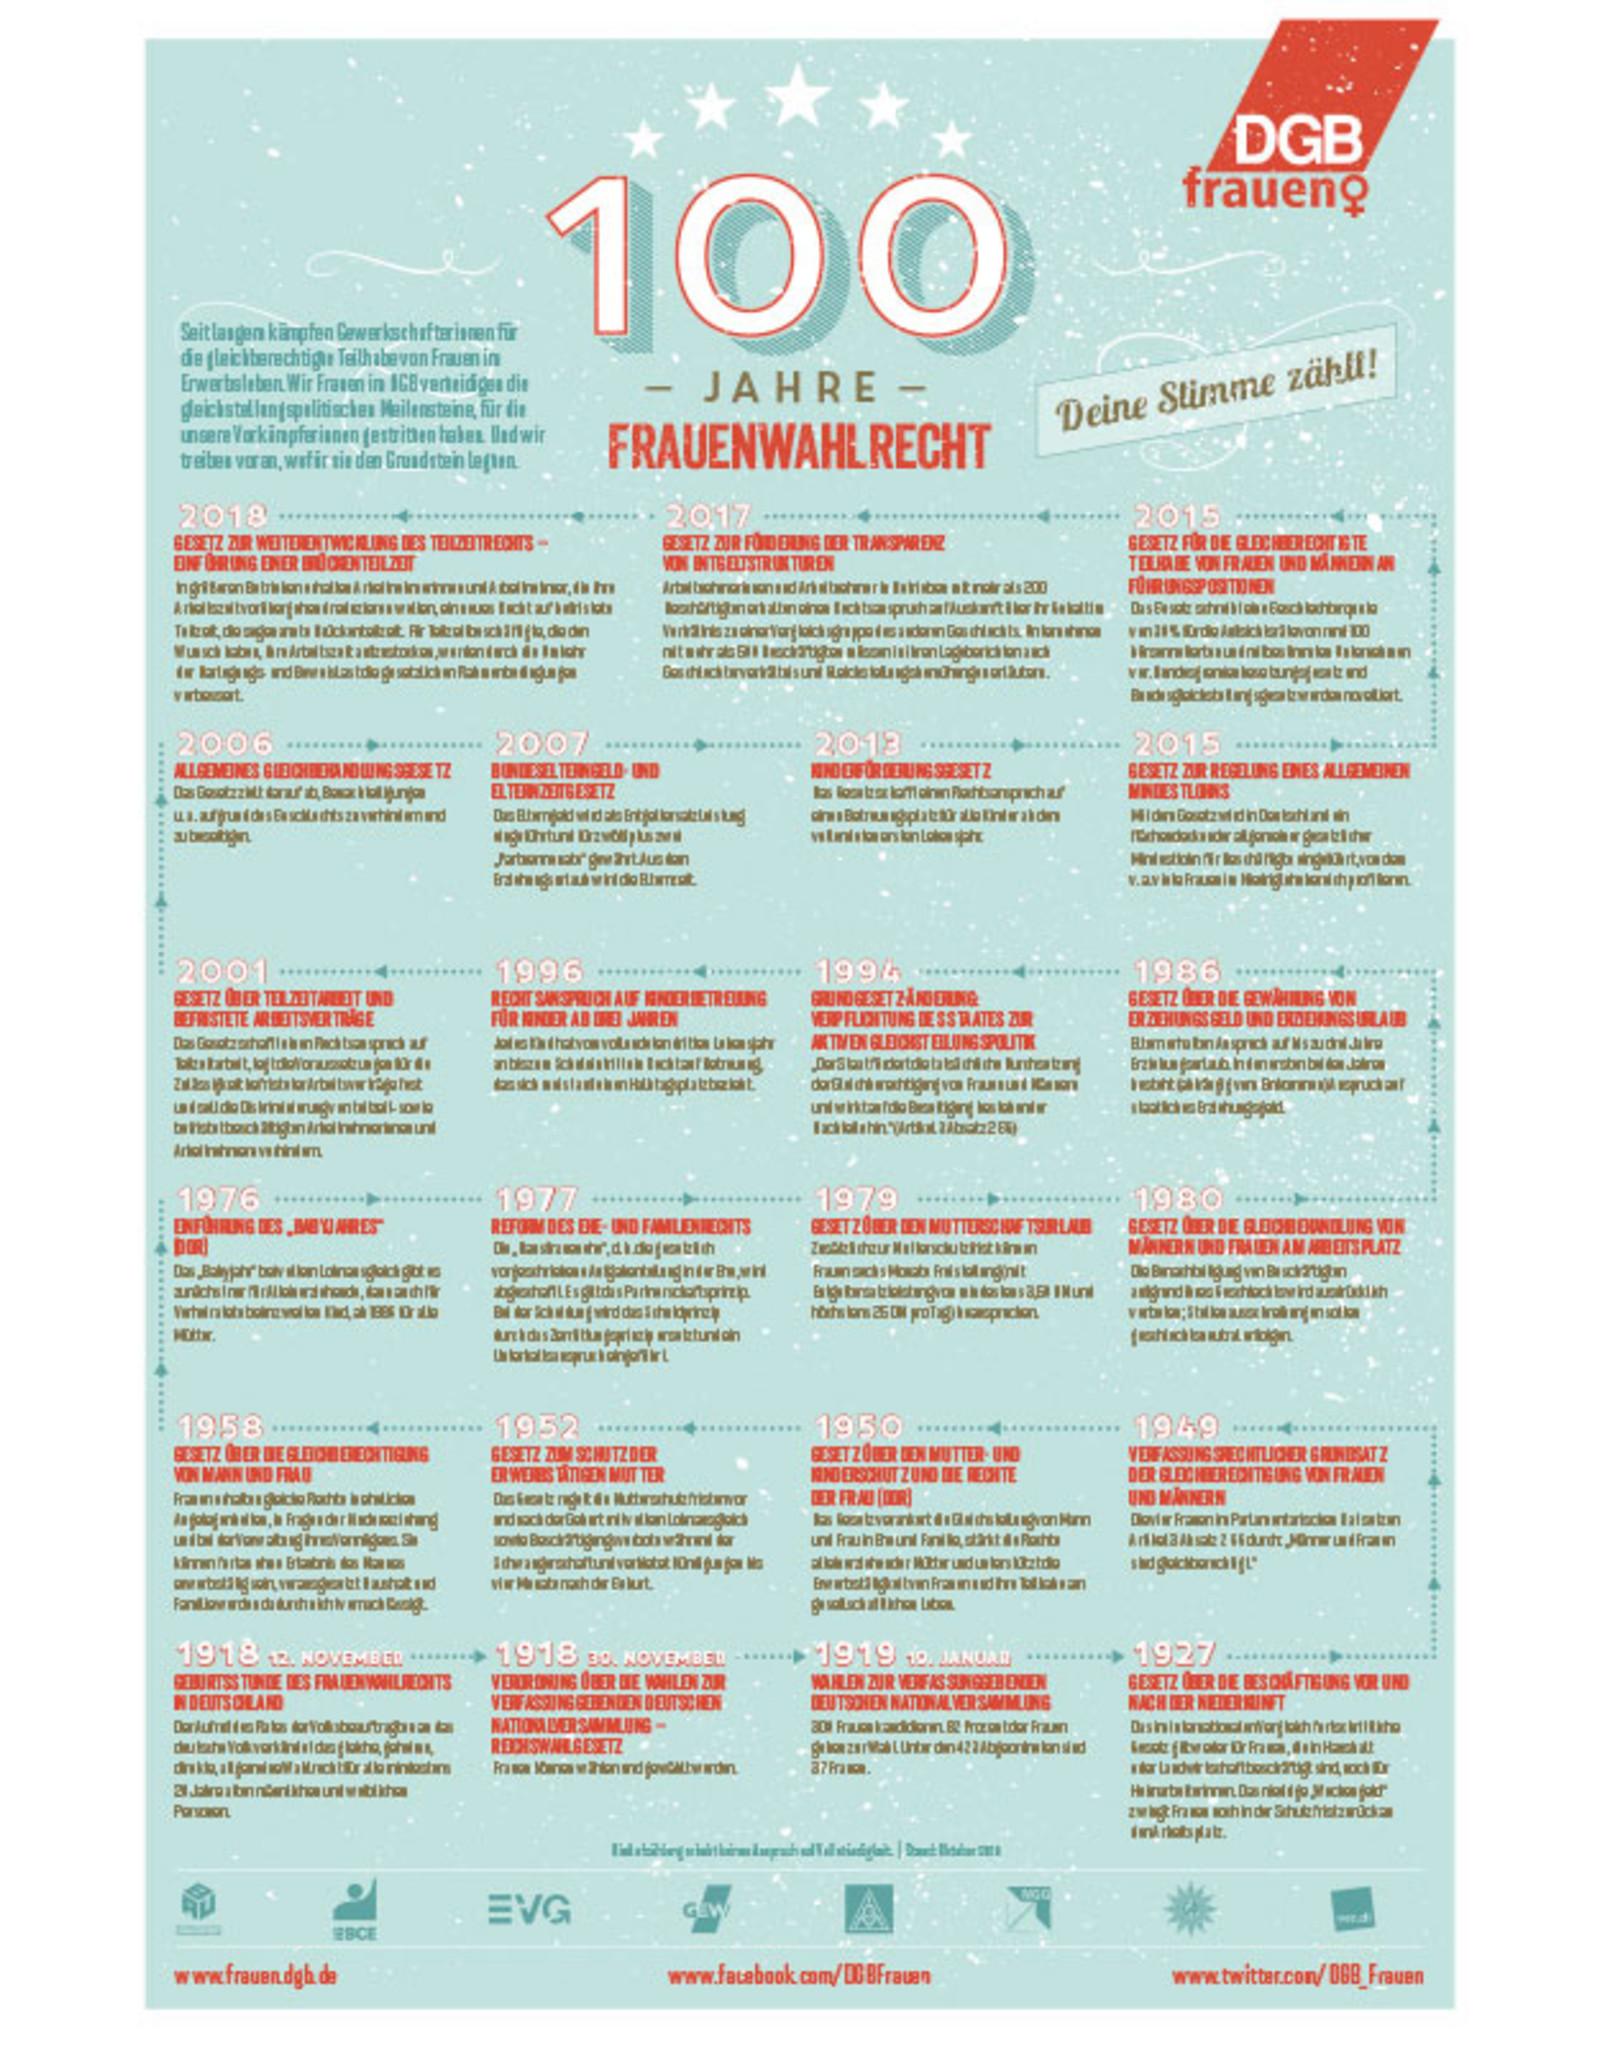 Poster zum 100-jährigen Jubiläum des Frauenwahlrechts - Gleichstellungspolitische Erfolge.